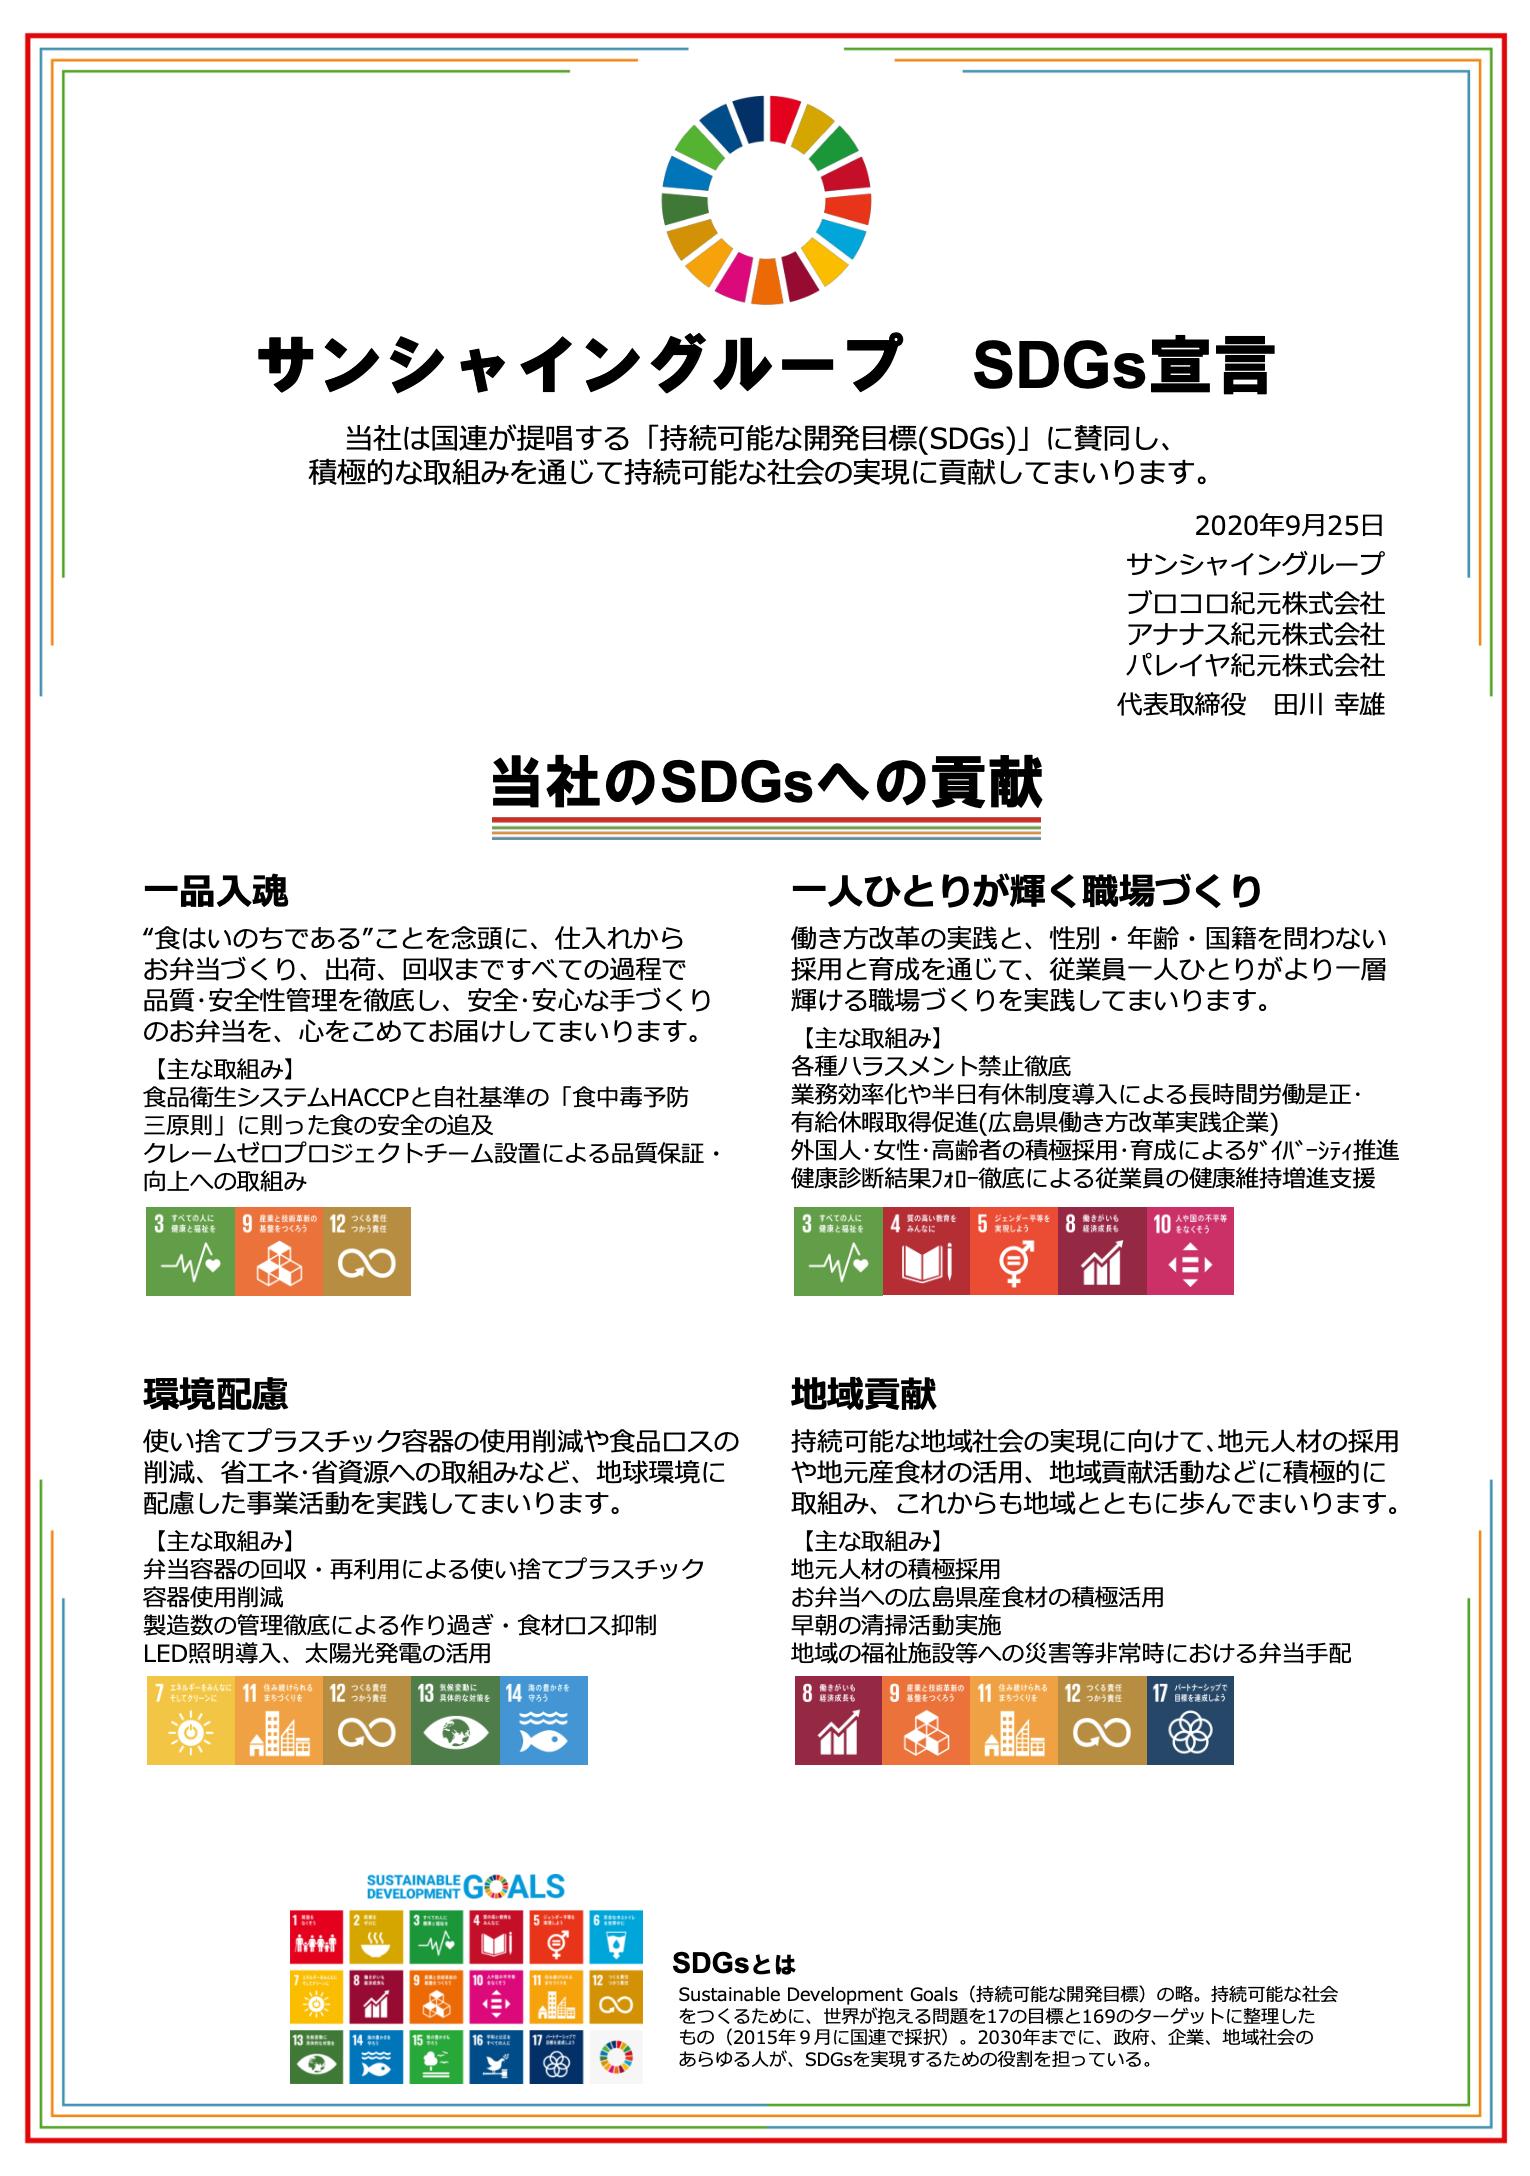 サンシャインんグループSDGs宣言